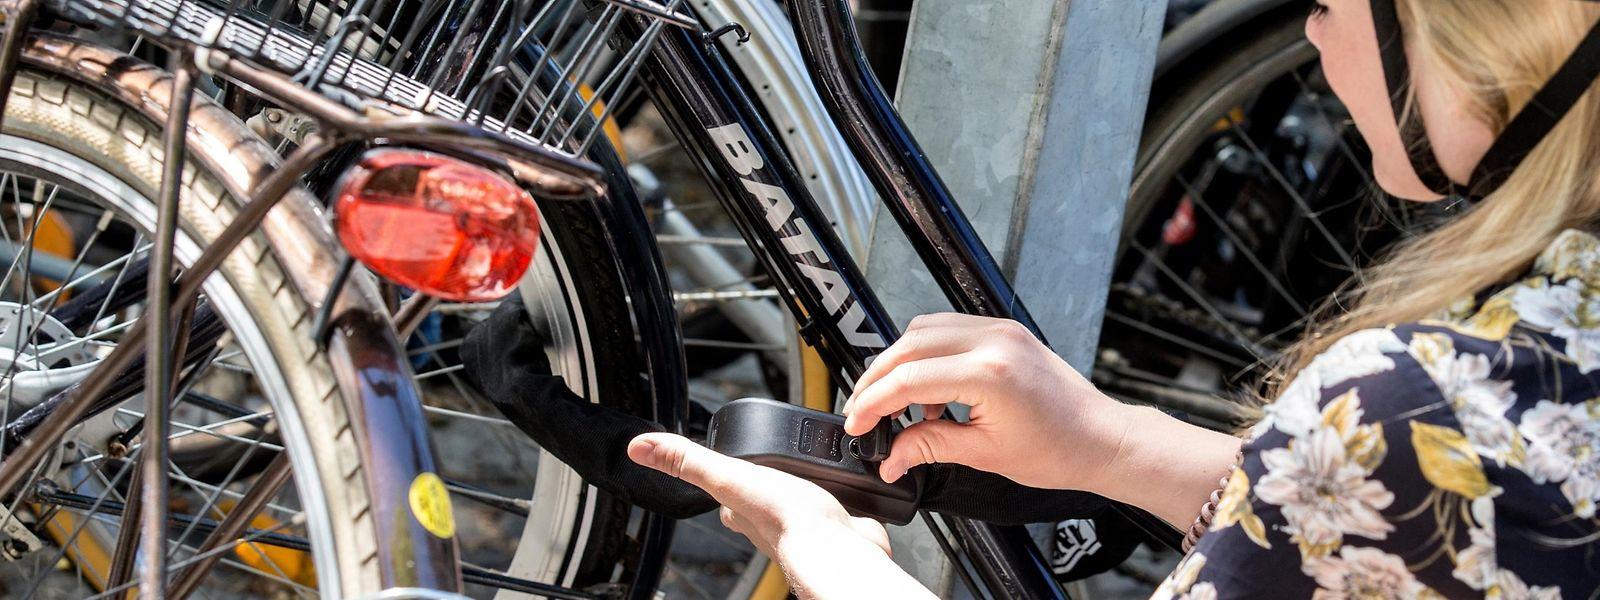 Mit hochwertigen Fahrradschlössern kann man Dieben das Leben schwer machen.